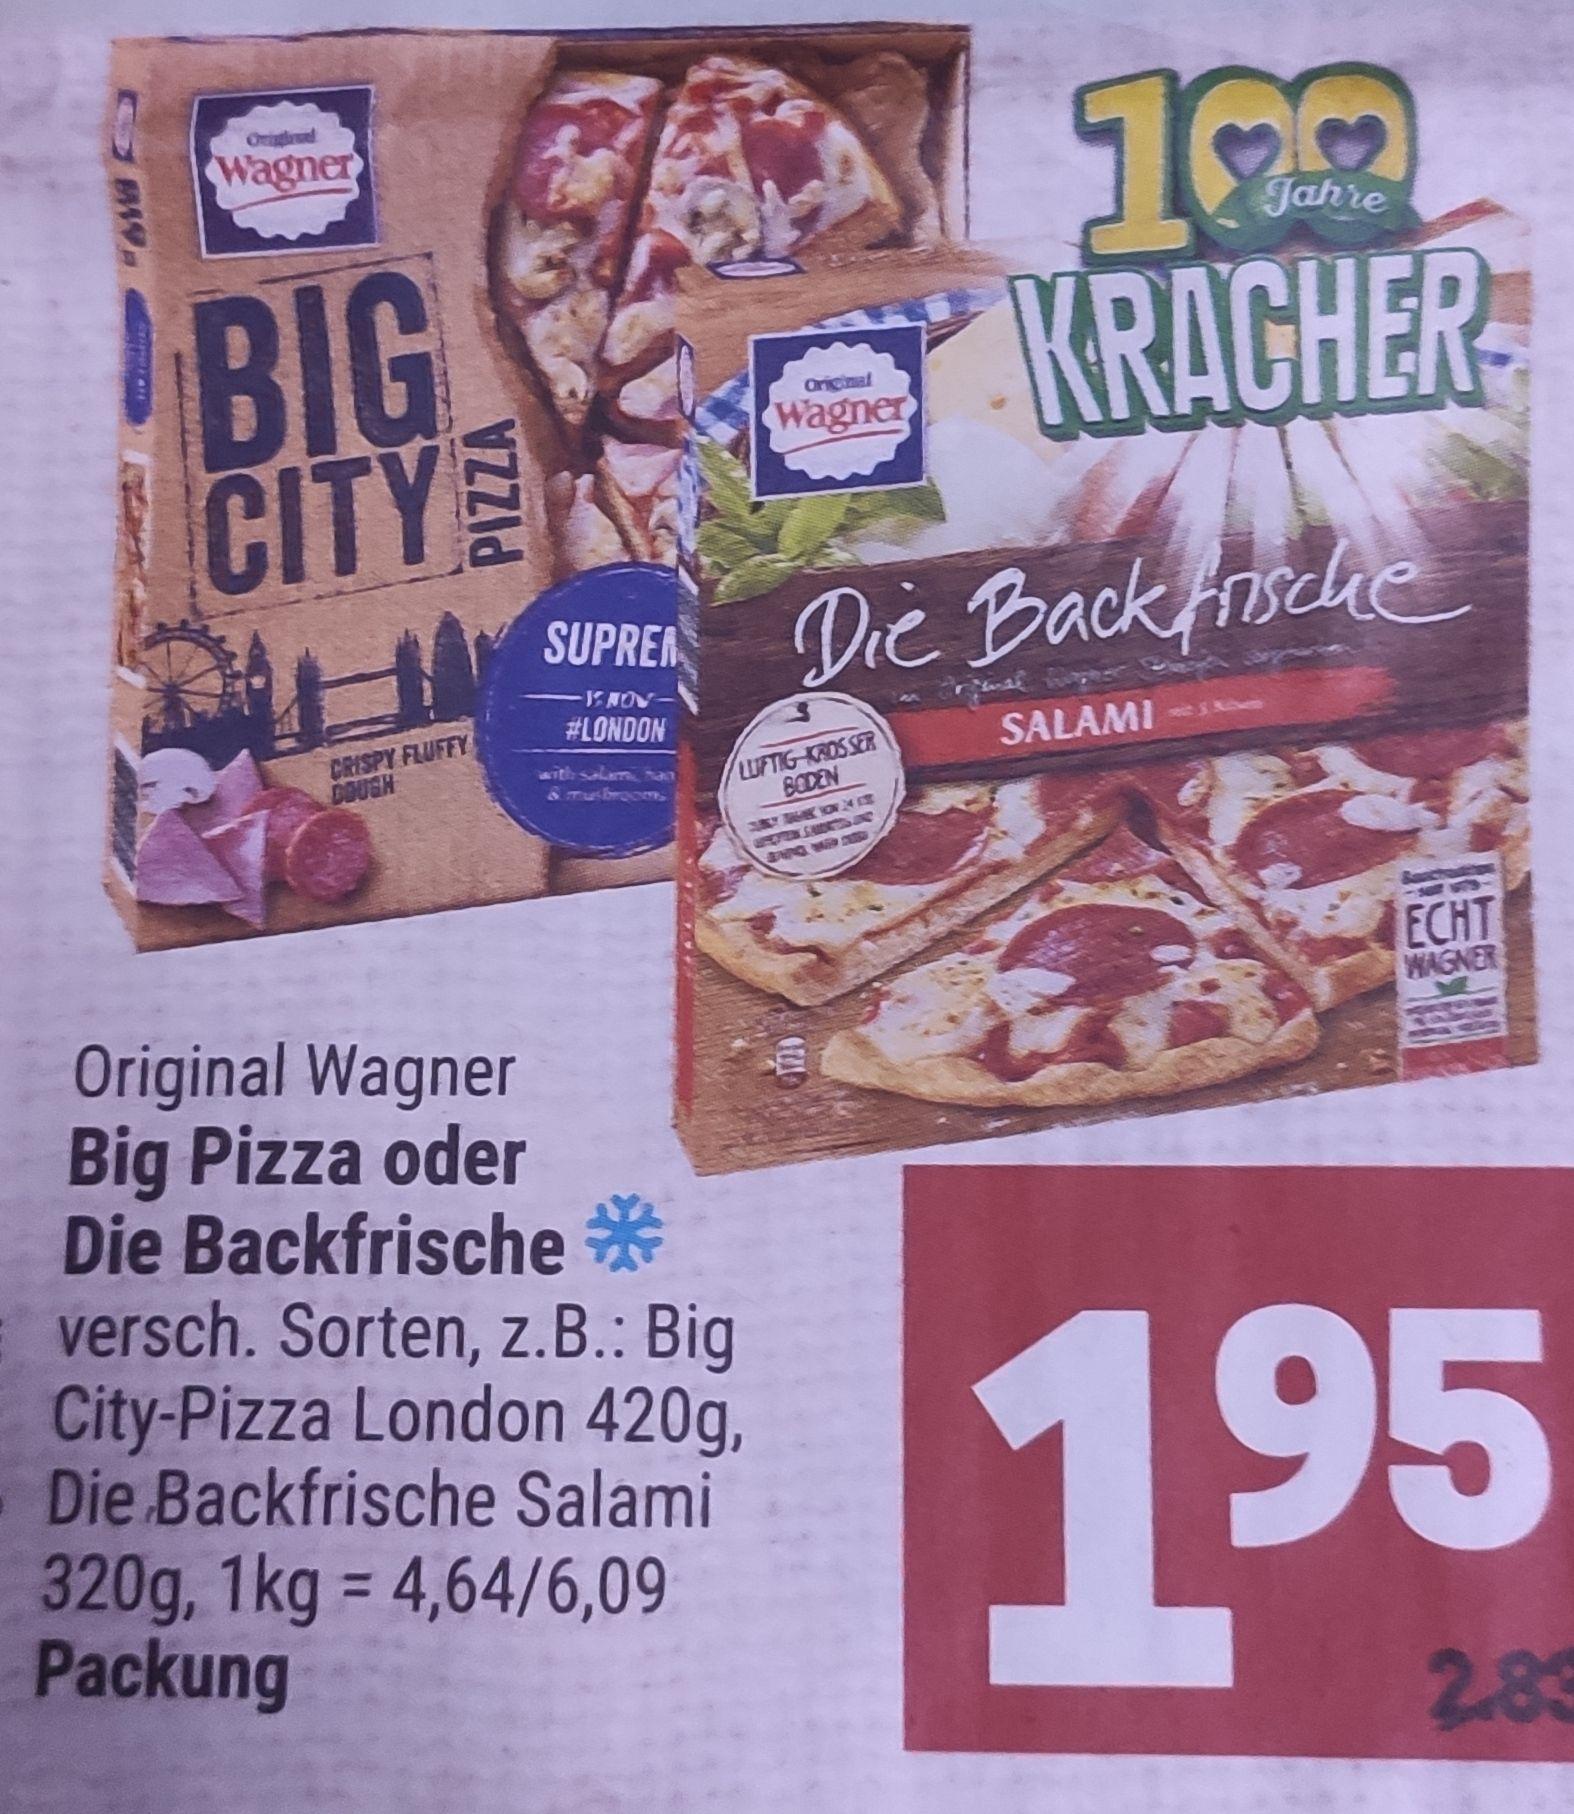 [Marktkauf Minden-Hannover] 2x Wagner Big Pizza oder Backfrische mit Coupon für 2,90€